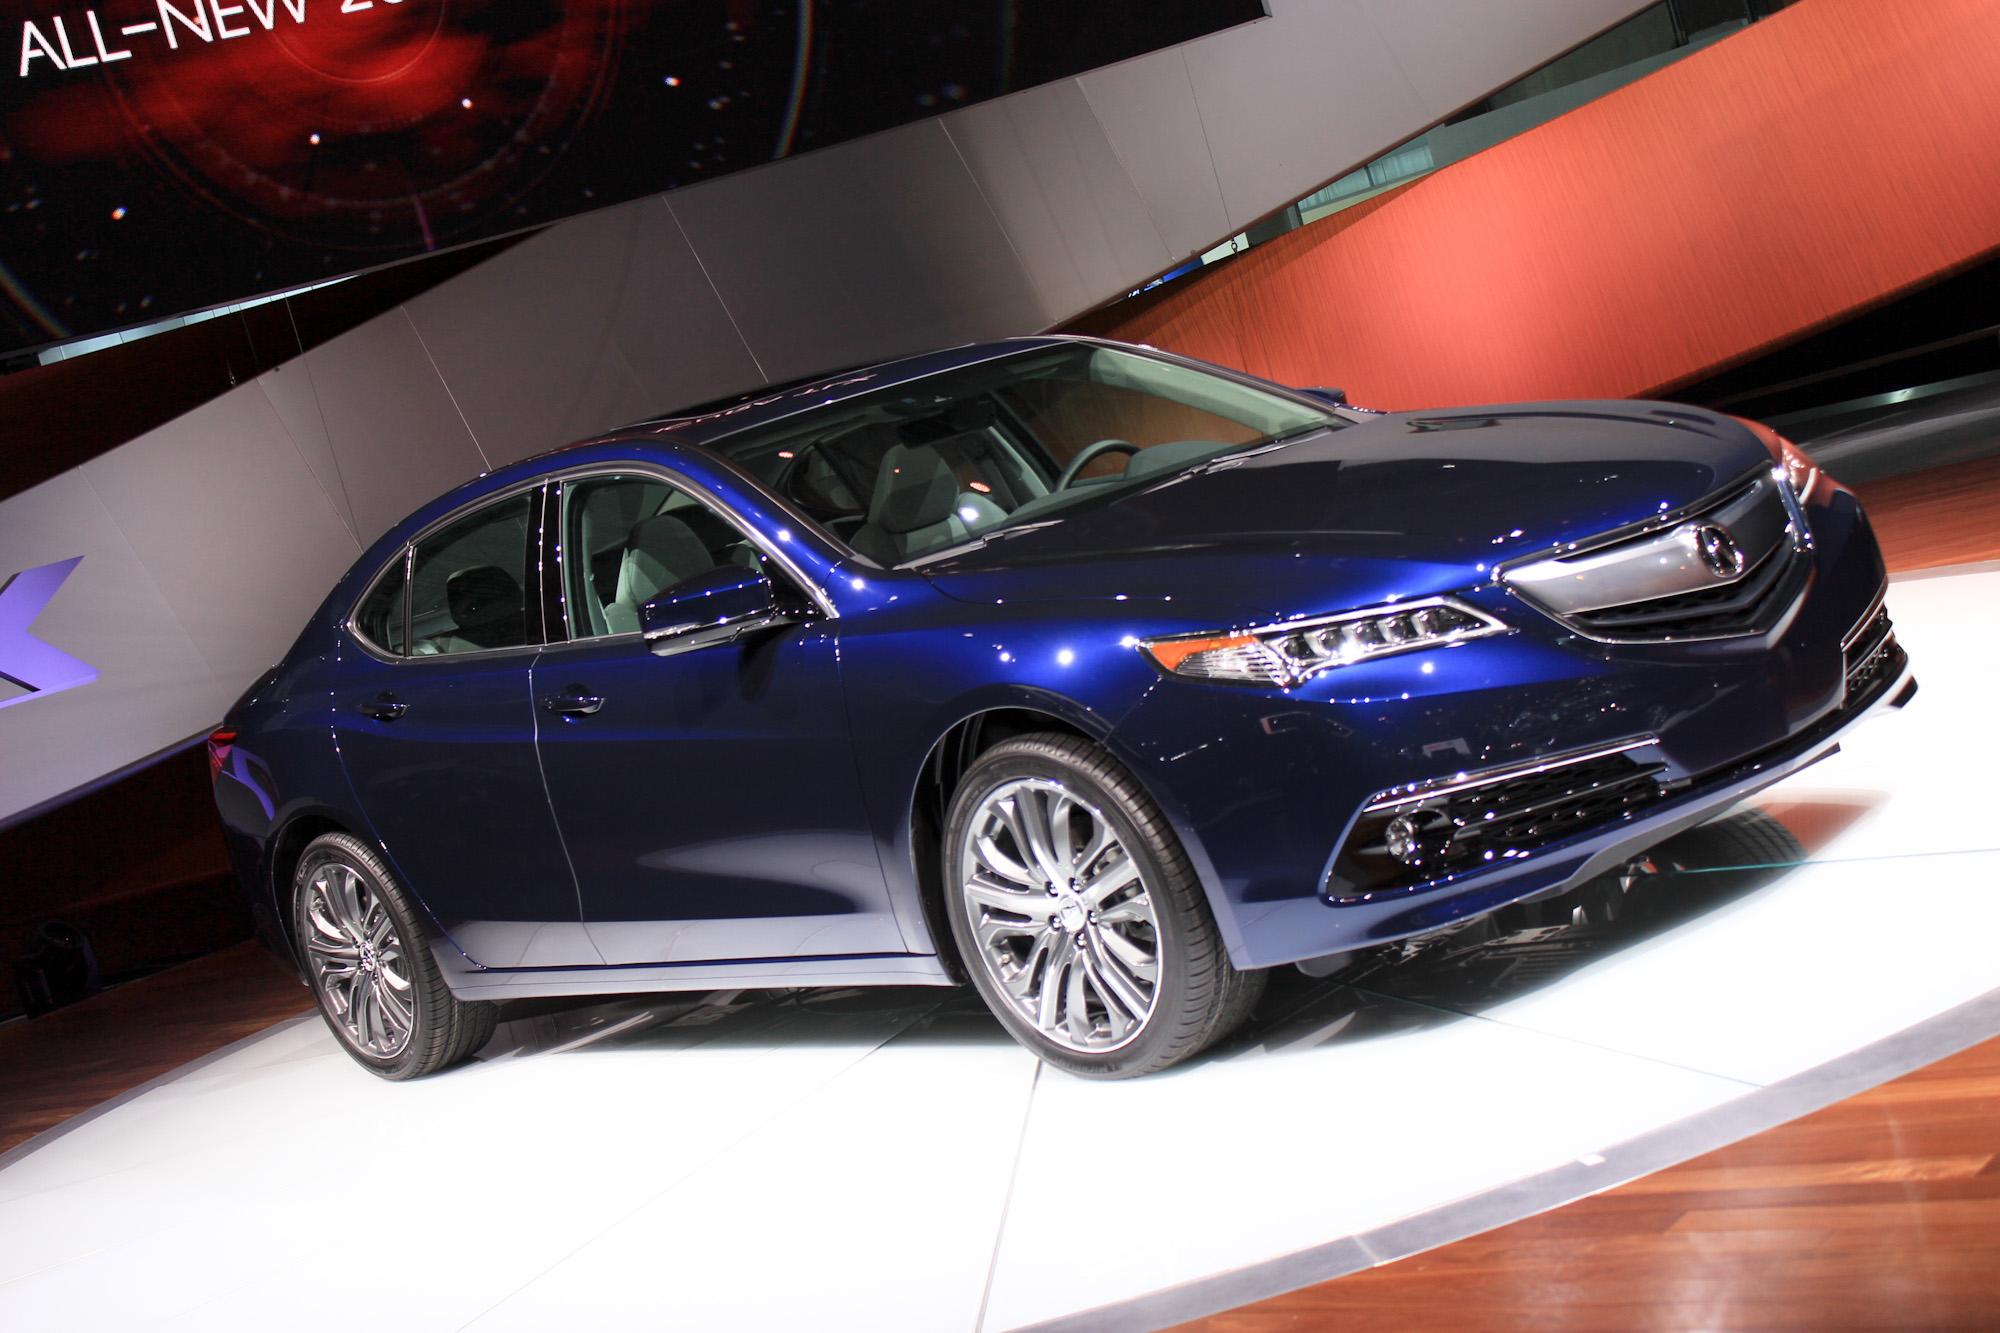 2015 Acura Tlx Tech >> 2015 Acura TLX: 2014 New York Auto Show Live Photos